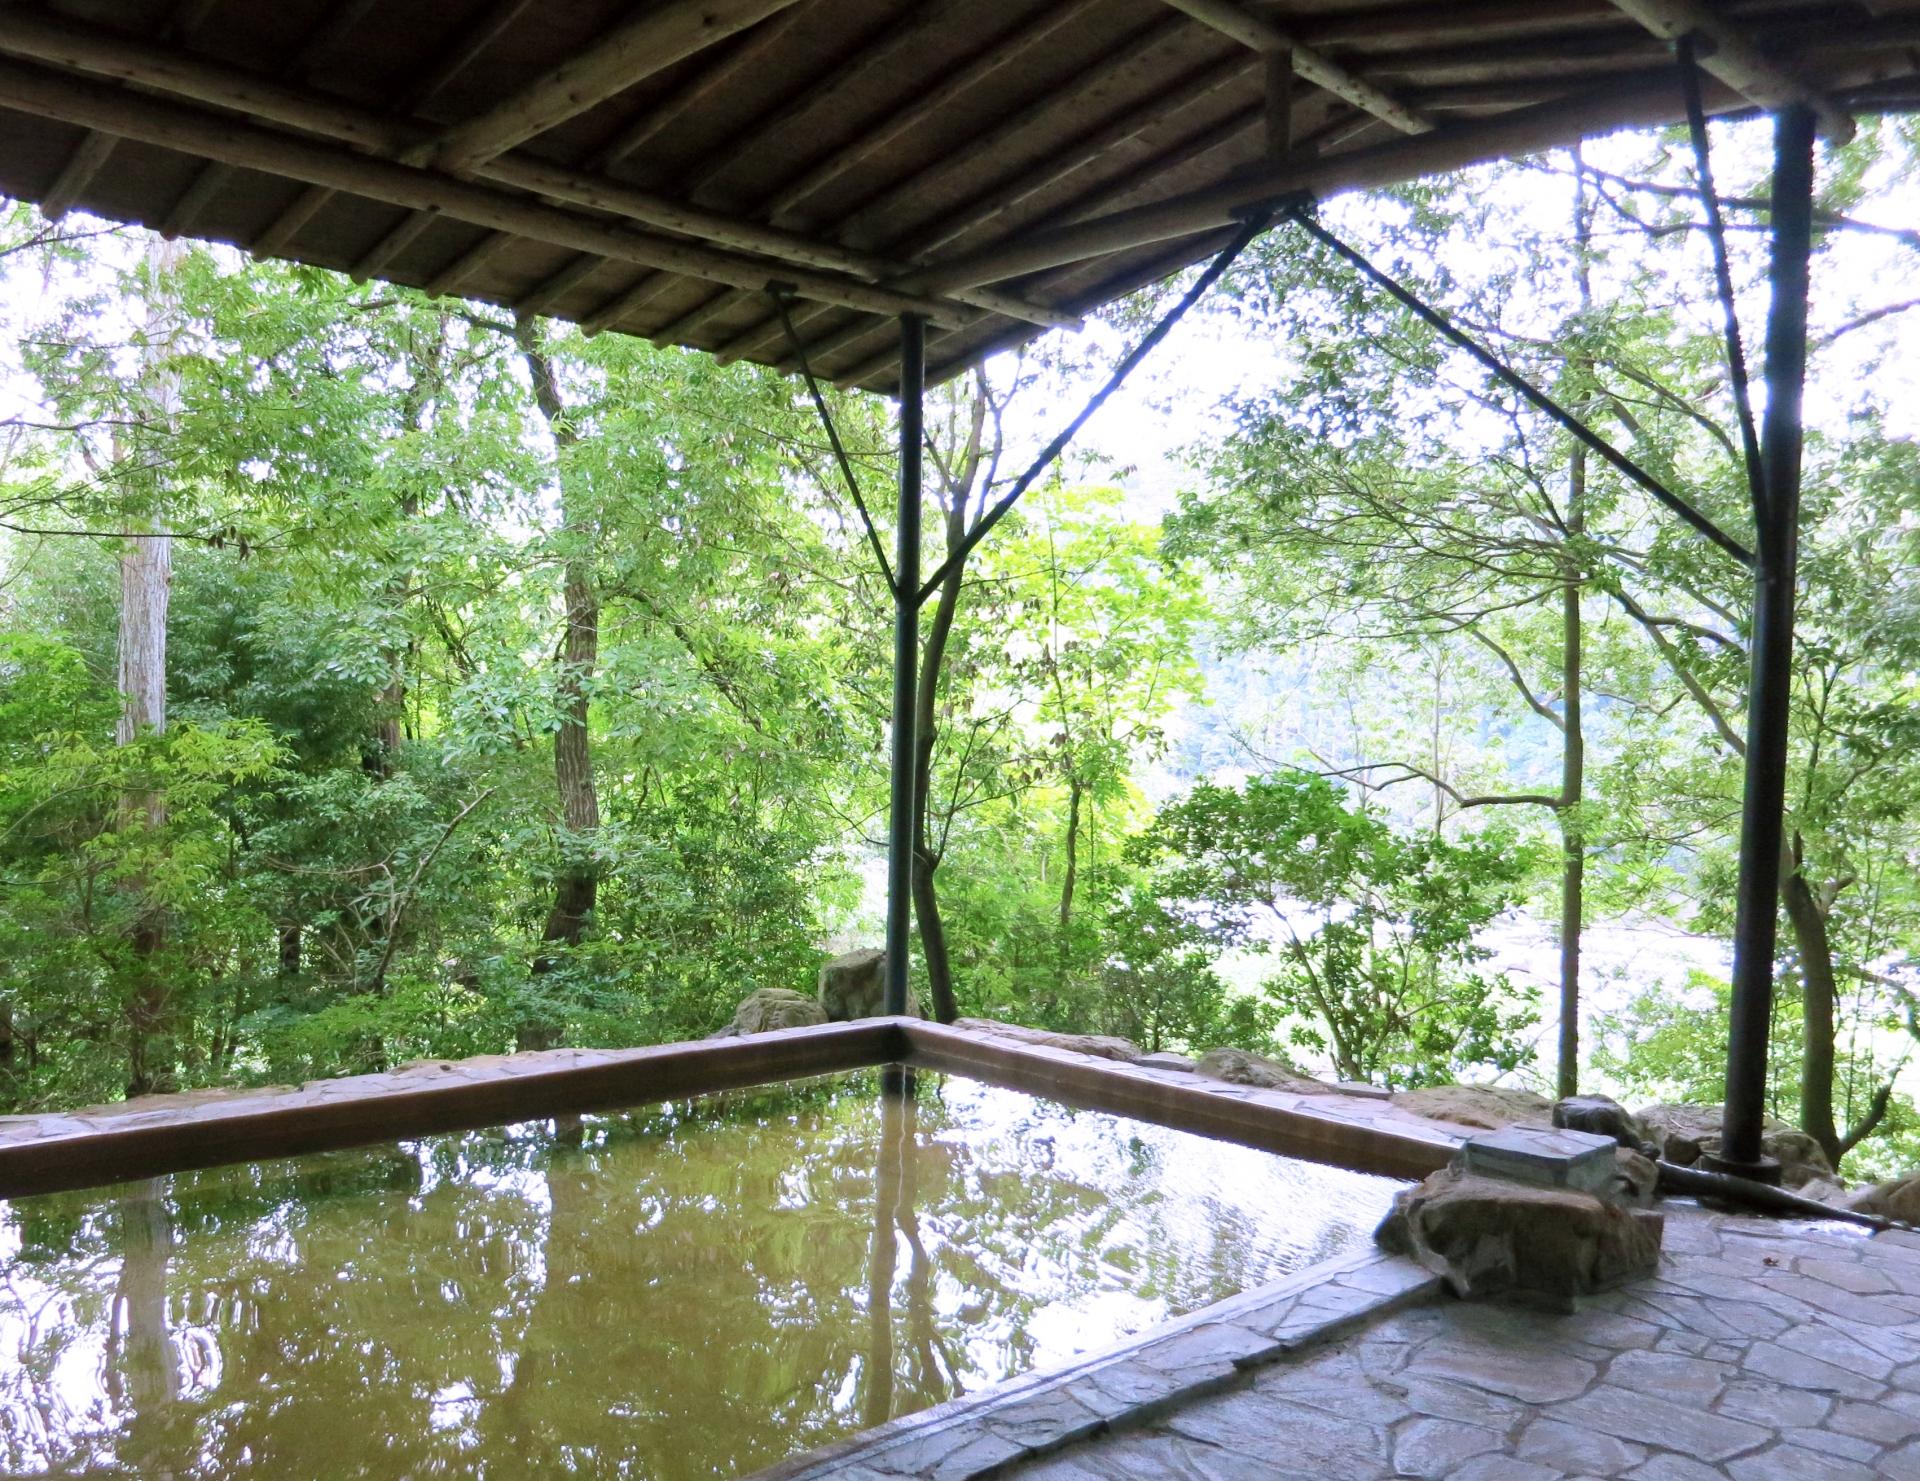 黒湯温泉へ行こう!秋田・乳頭温泉郷の最奥部にある秘湯を紹介